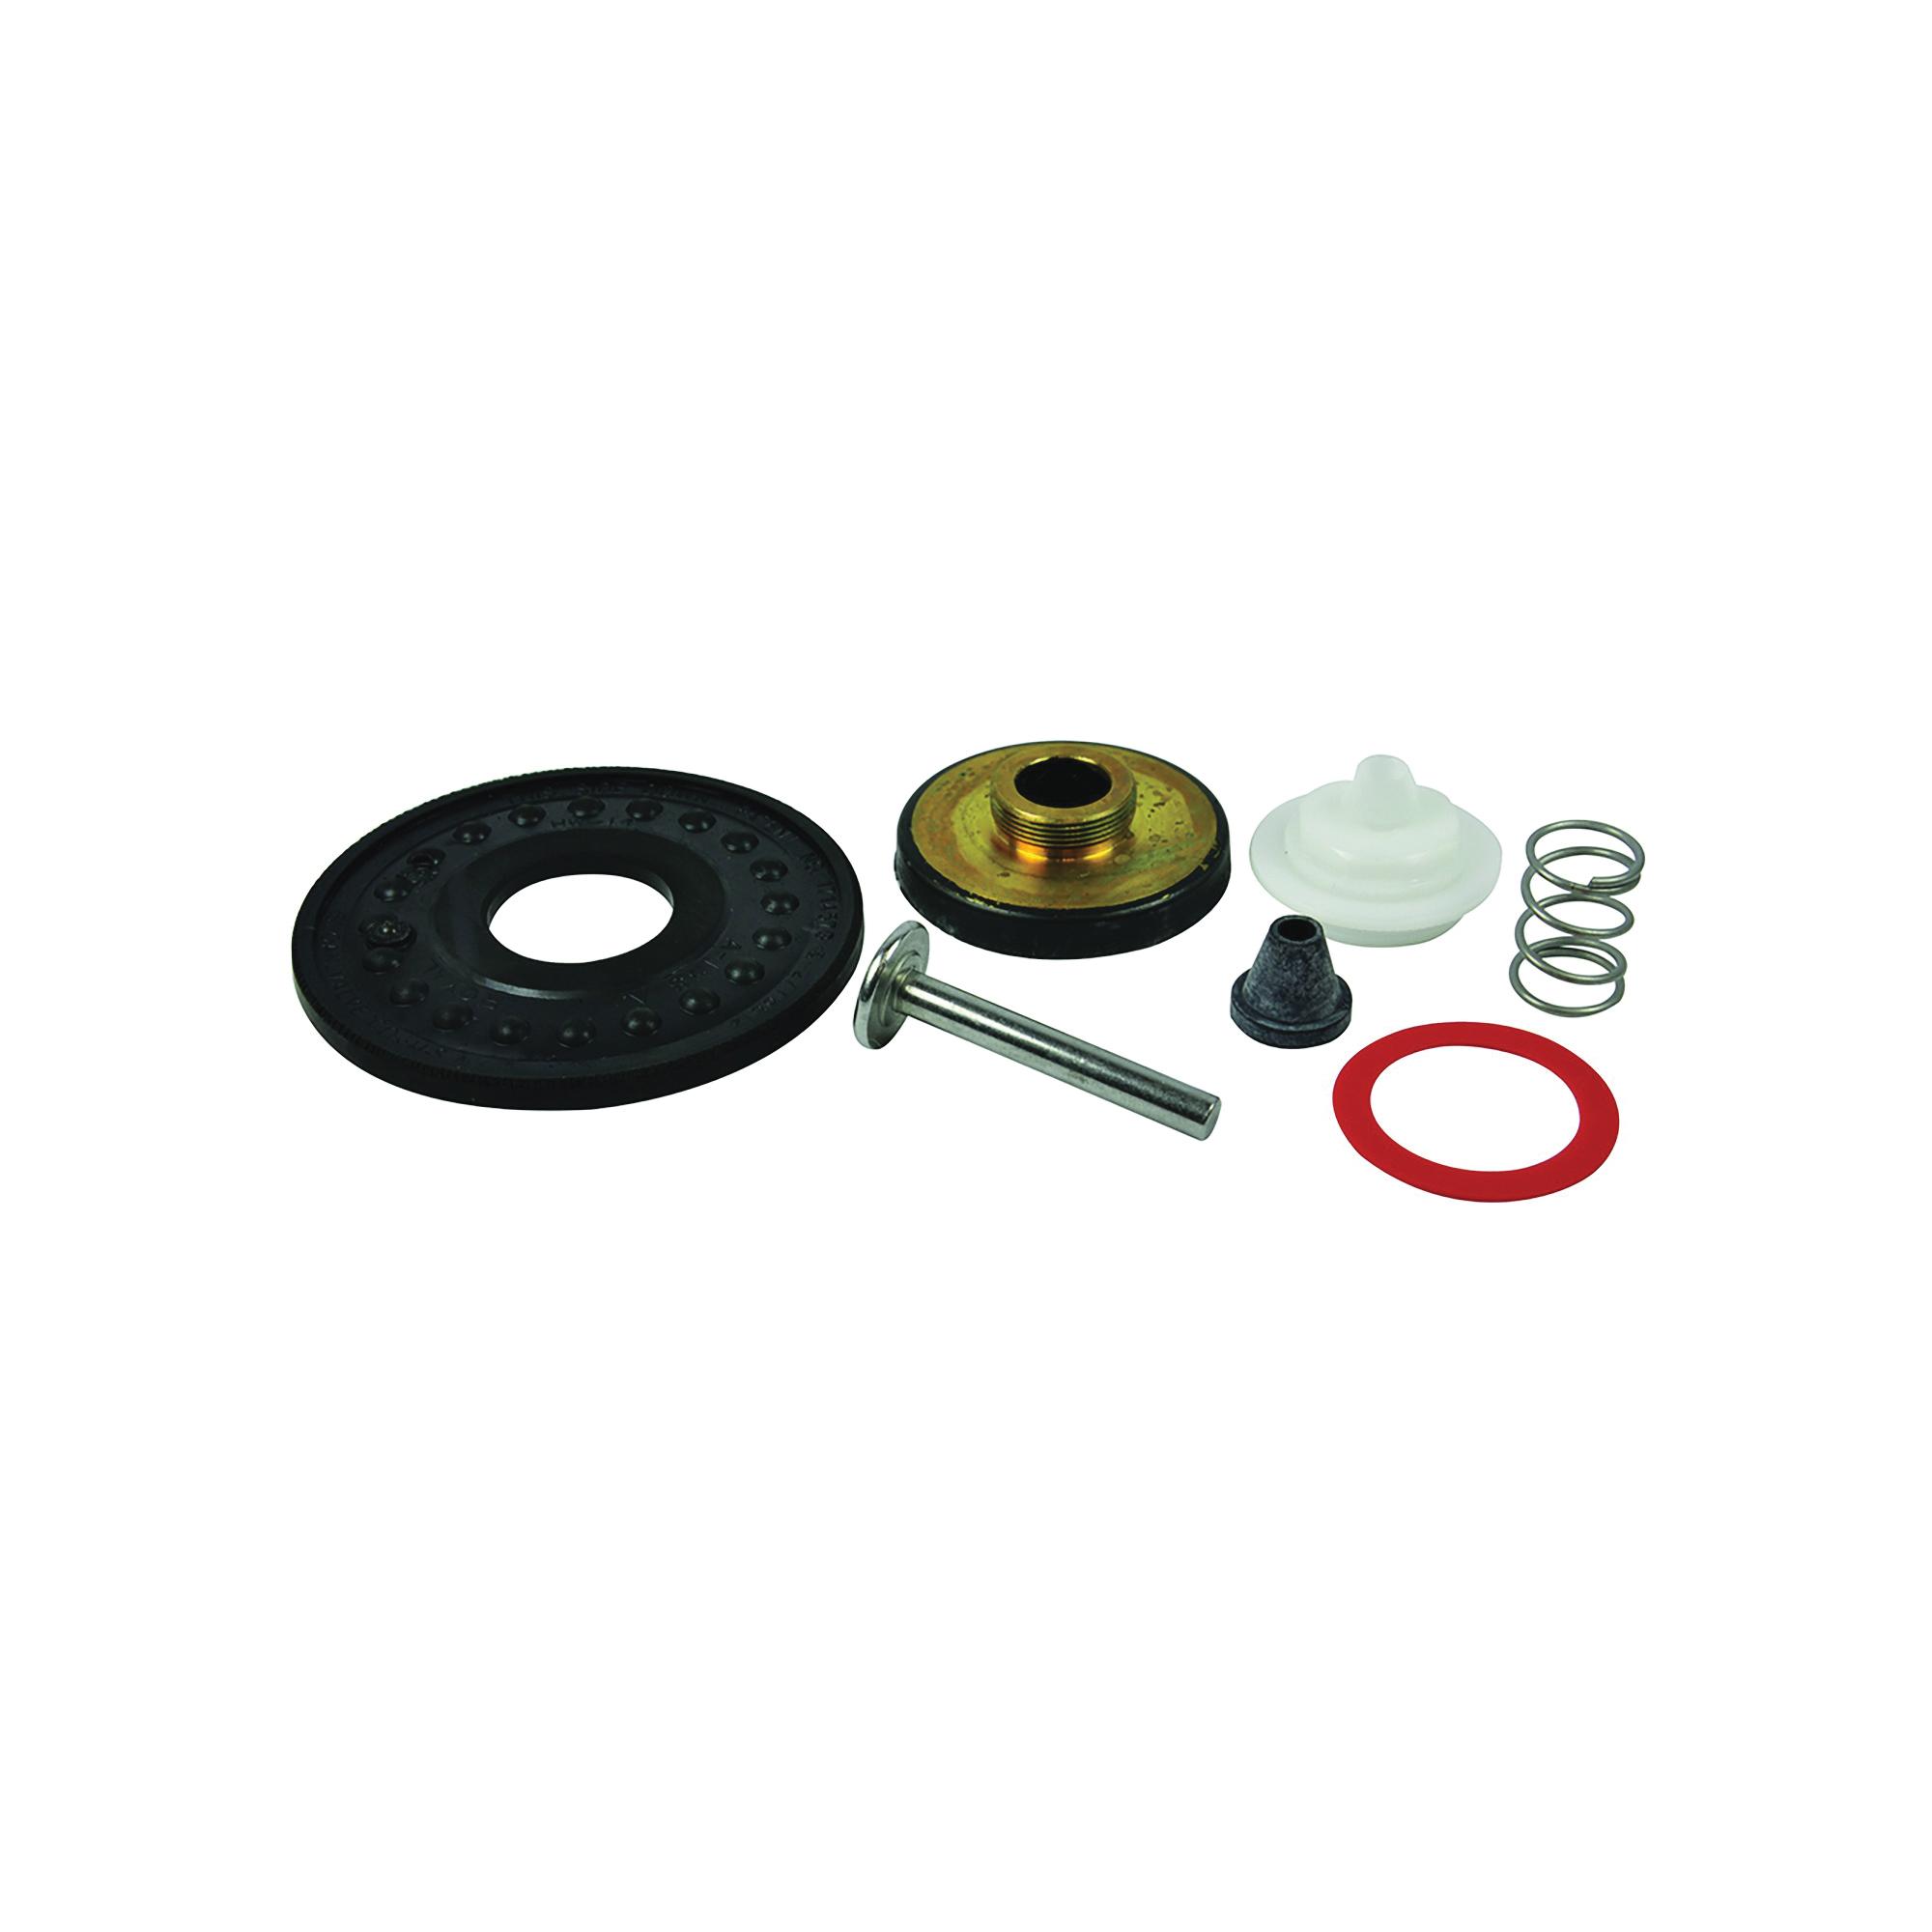 Picture of Danco 37058 Toilet Repair Kit, For: Sloan SL-2 Royal Flush Valves